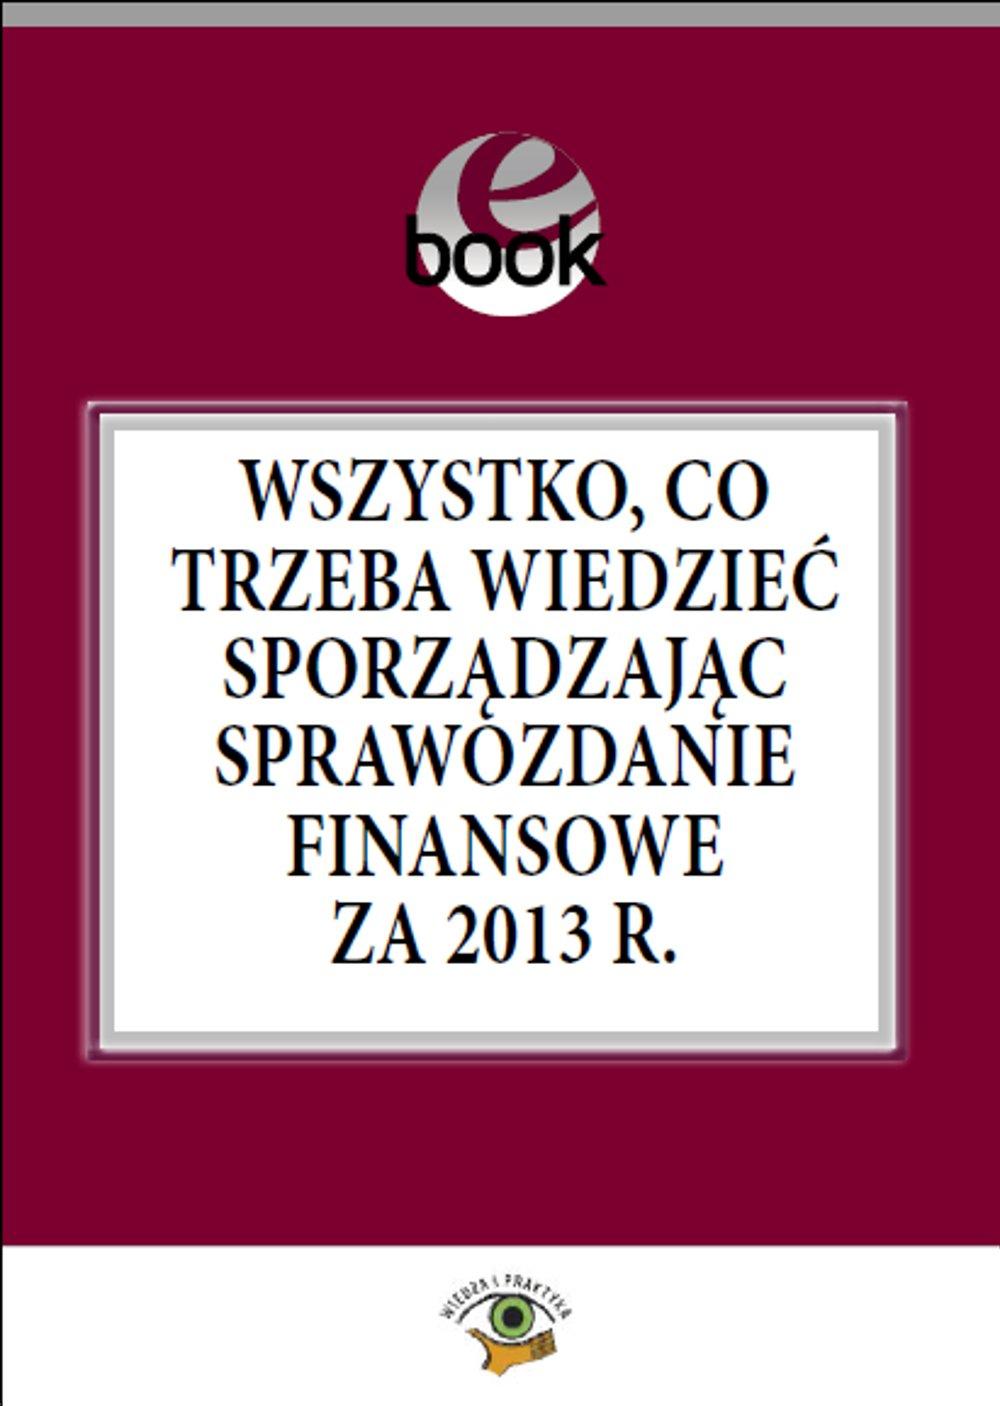 Wszystko, co trzeba wiedzieć sporządzając sprawozdanie finansowe za 2013 rok - Ebook (Książka PDF) do pobrania w formacie PDF